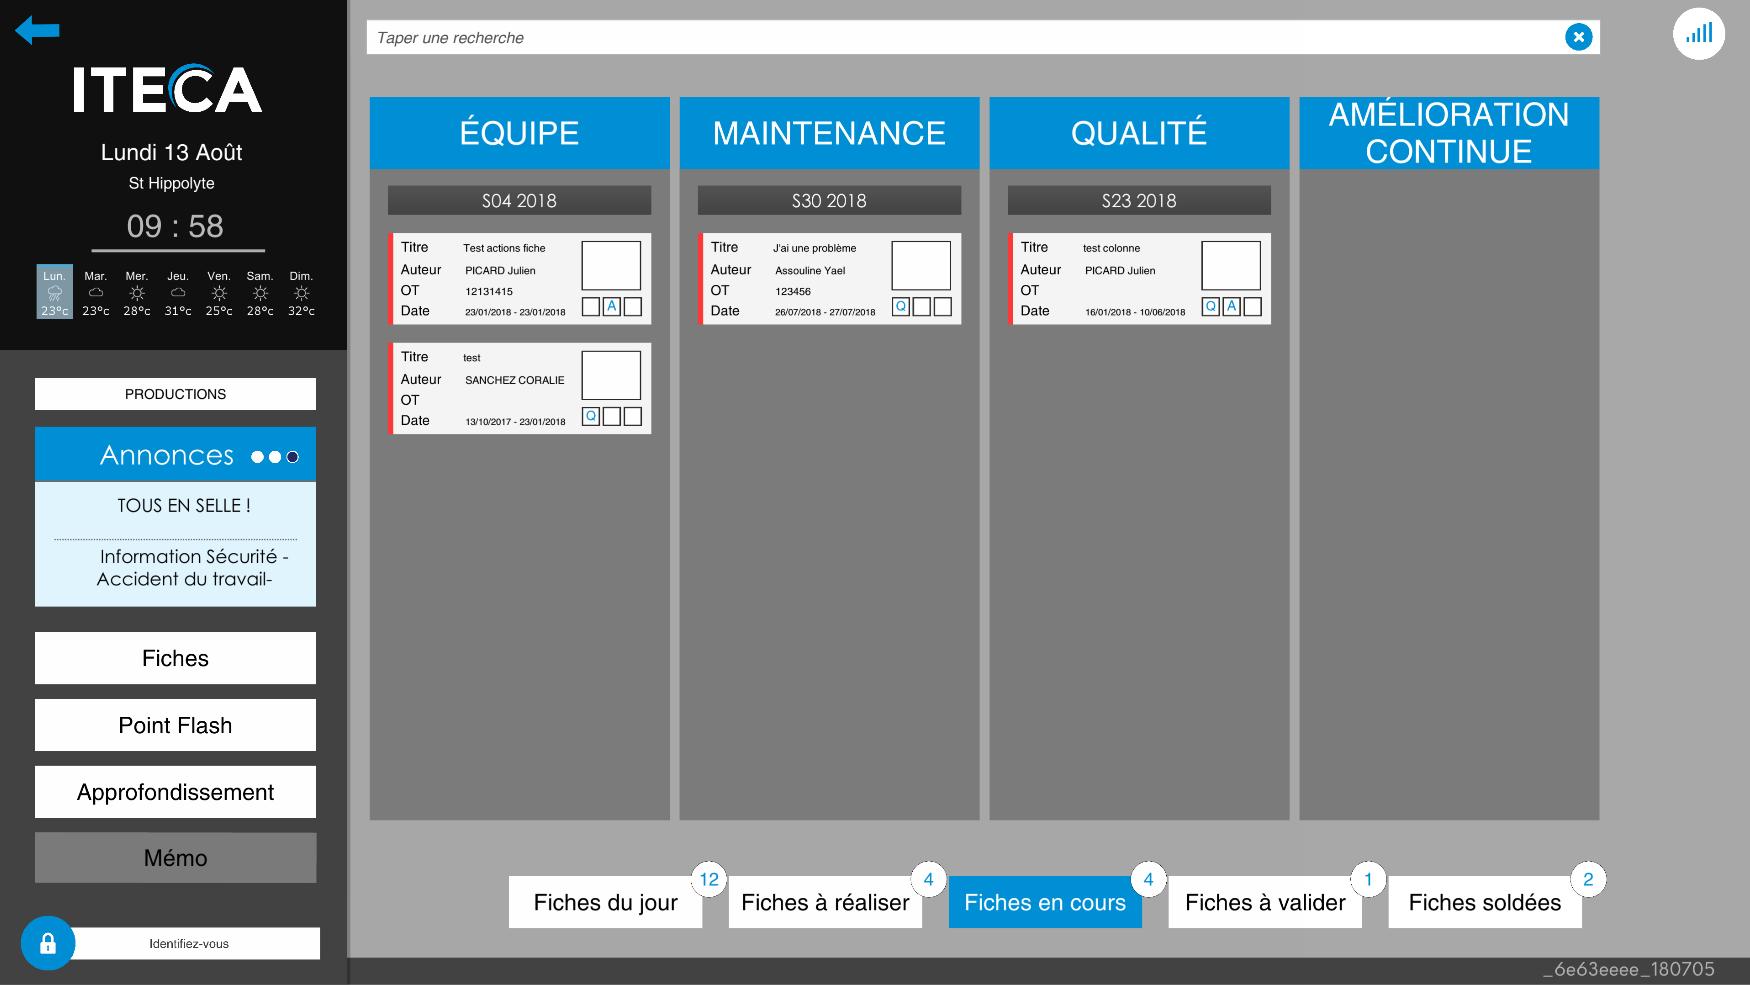 Le tableau de fiche liste les dysfonctionnements identifiés par vos équipes pour suivre les plans d'actions qui permettront leur résolution